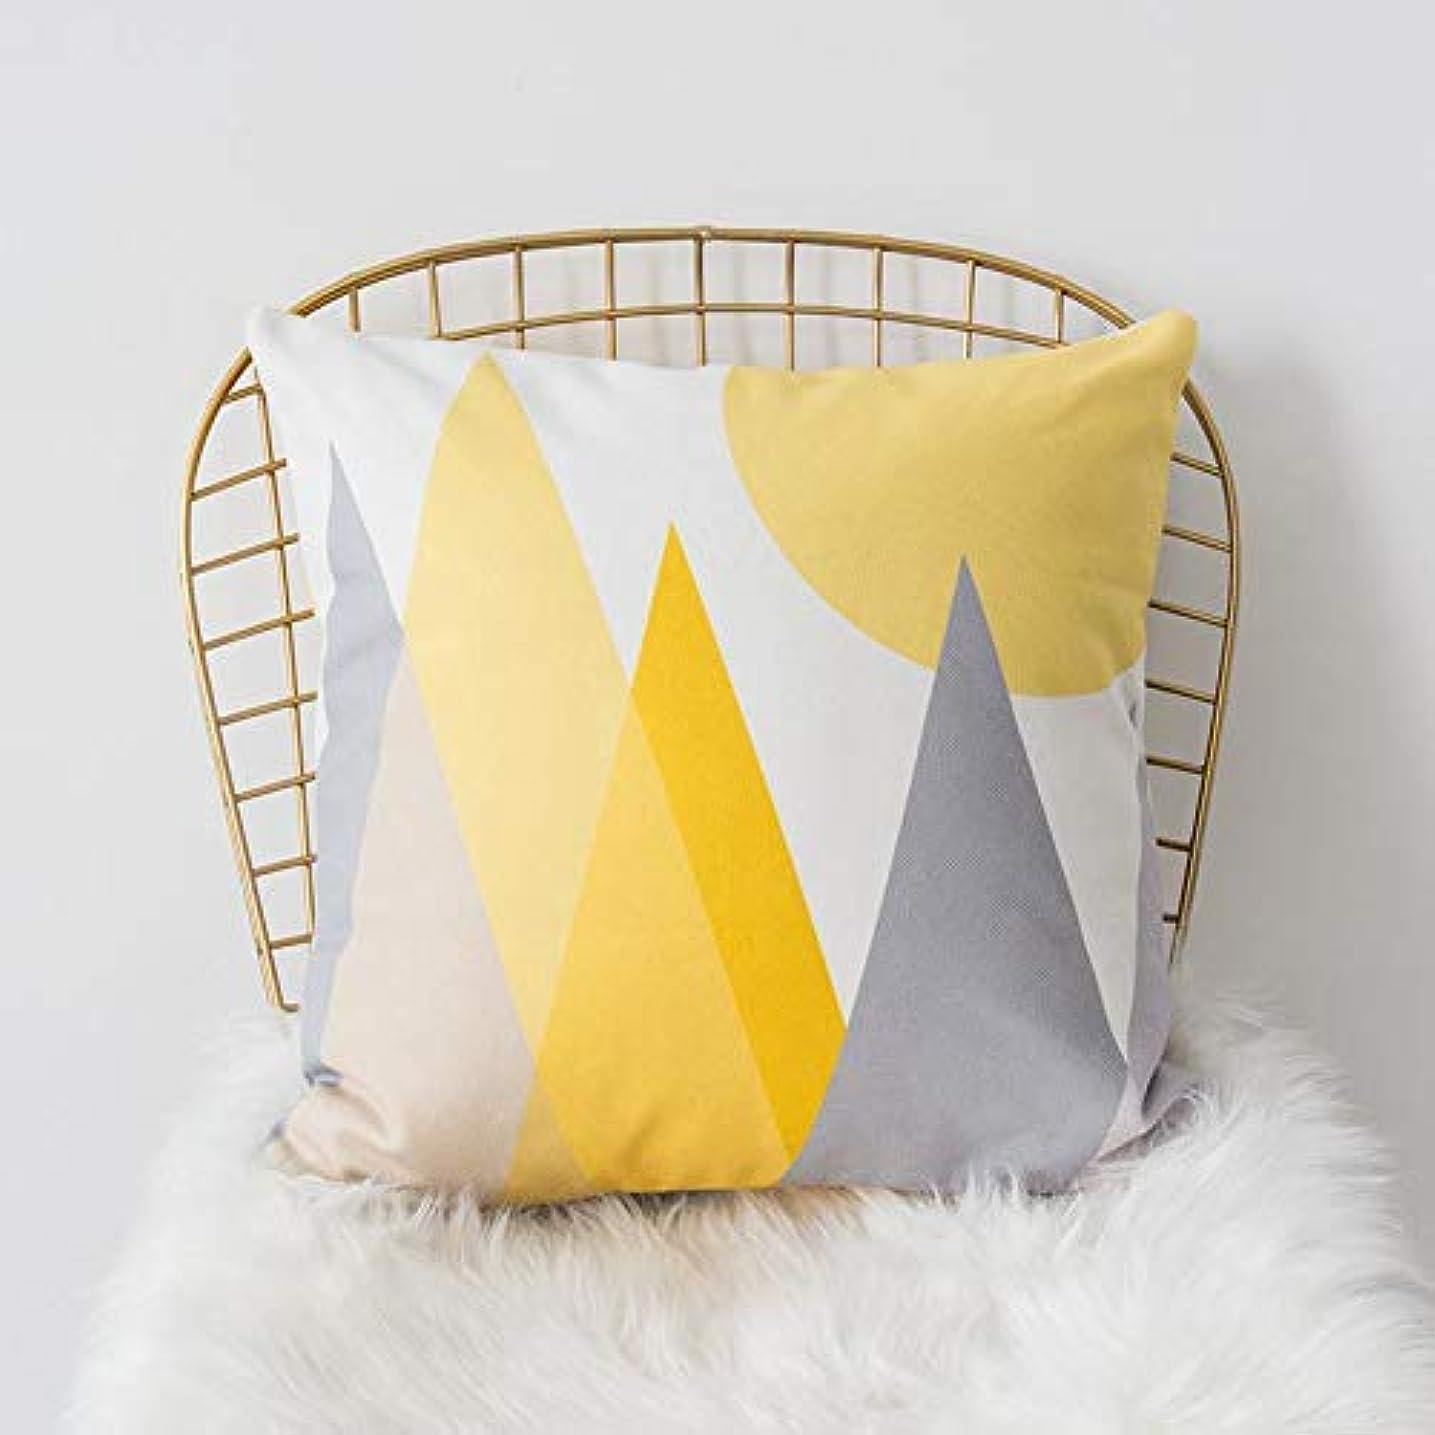 視線どちらかルーSMART 黄色グレー枕北欧スタイル黄色ヘラジカ幾何枕リビングルームのインテリアソファクッション Cojines 装飾良質 クッション 椅子